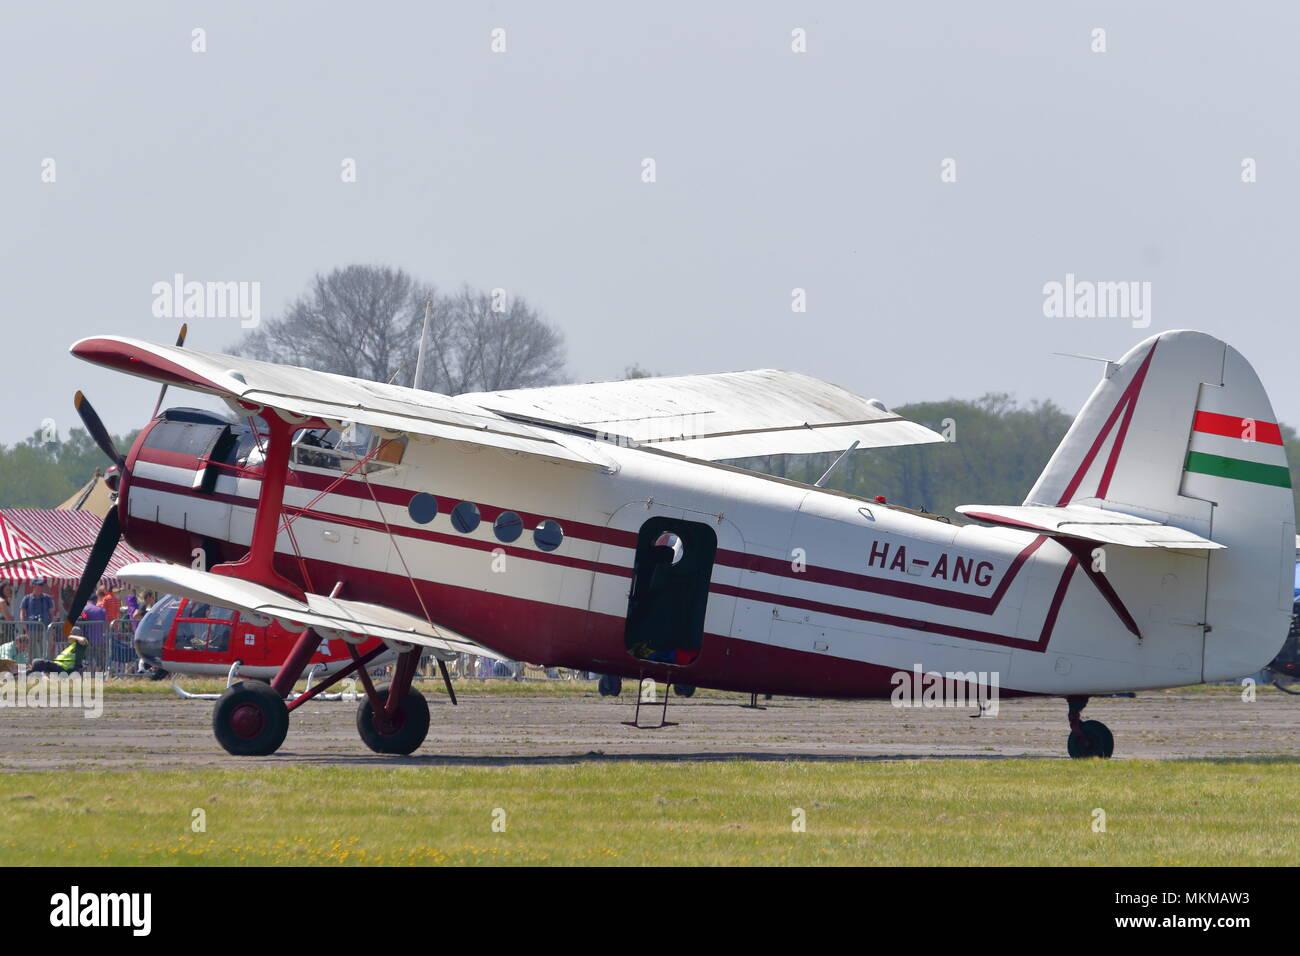 A Russian Antonov AN-2 HA-ANG on display at the Abingdon Air & Country Show - Stock Image